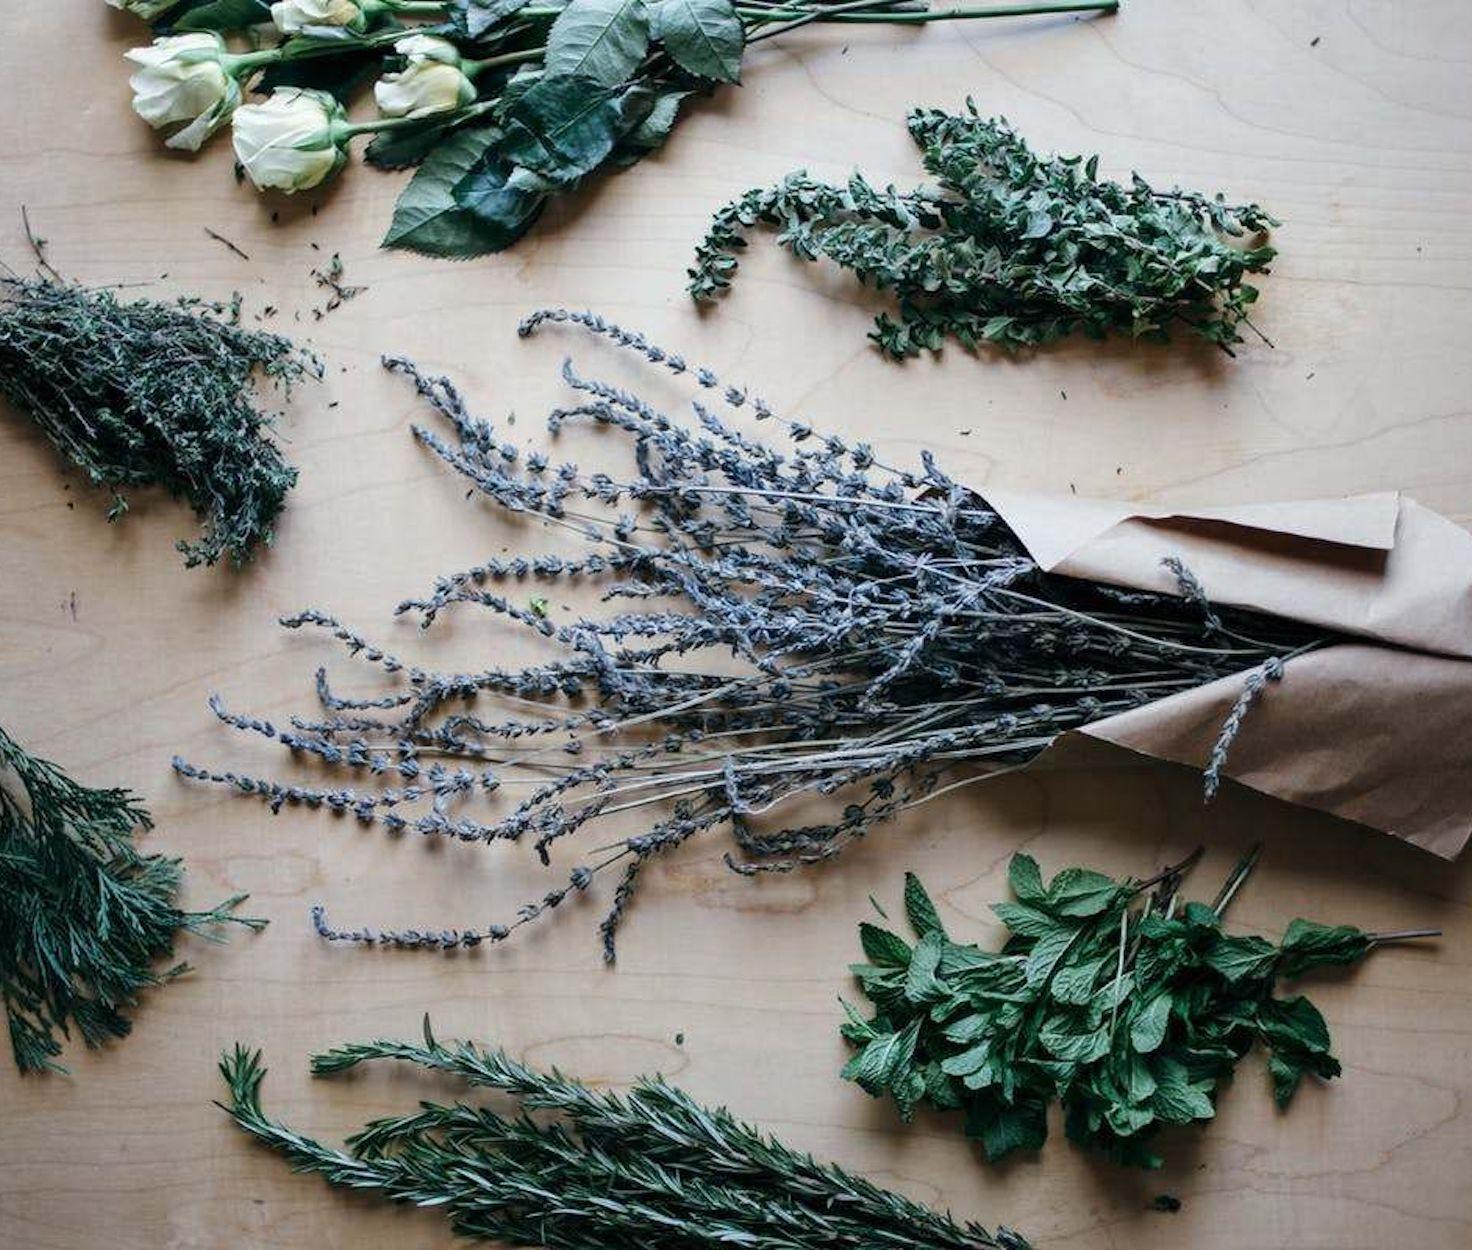 how to make natural incense